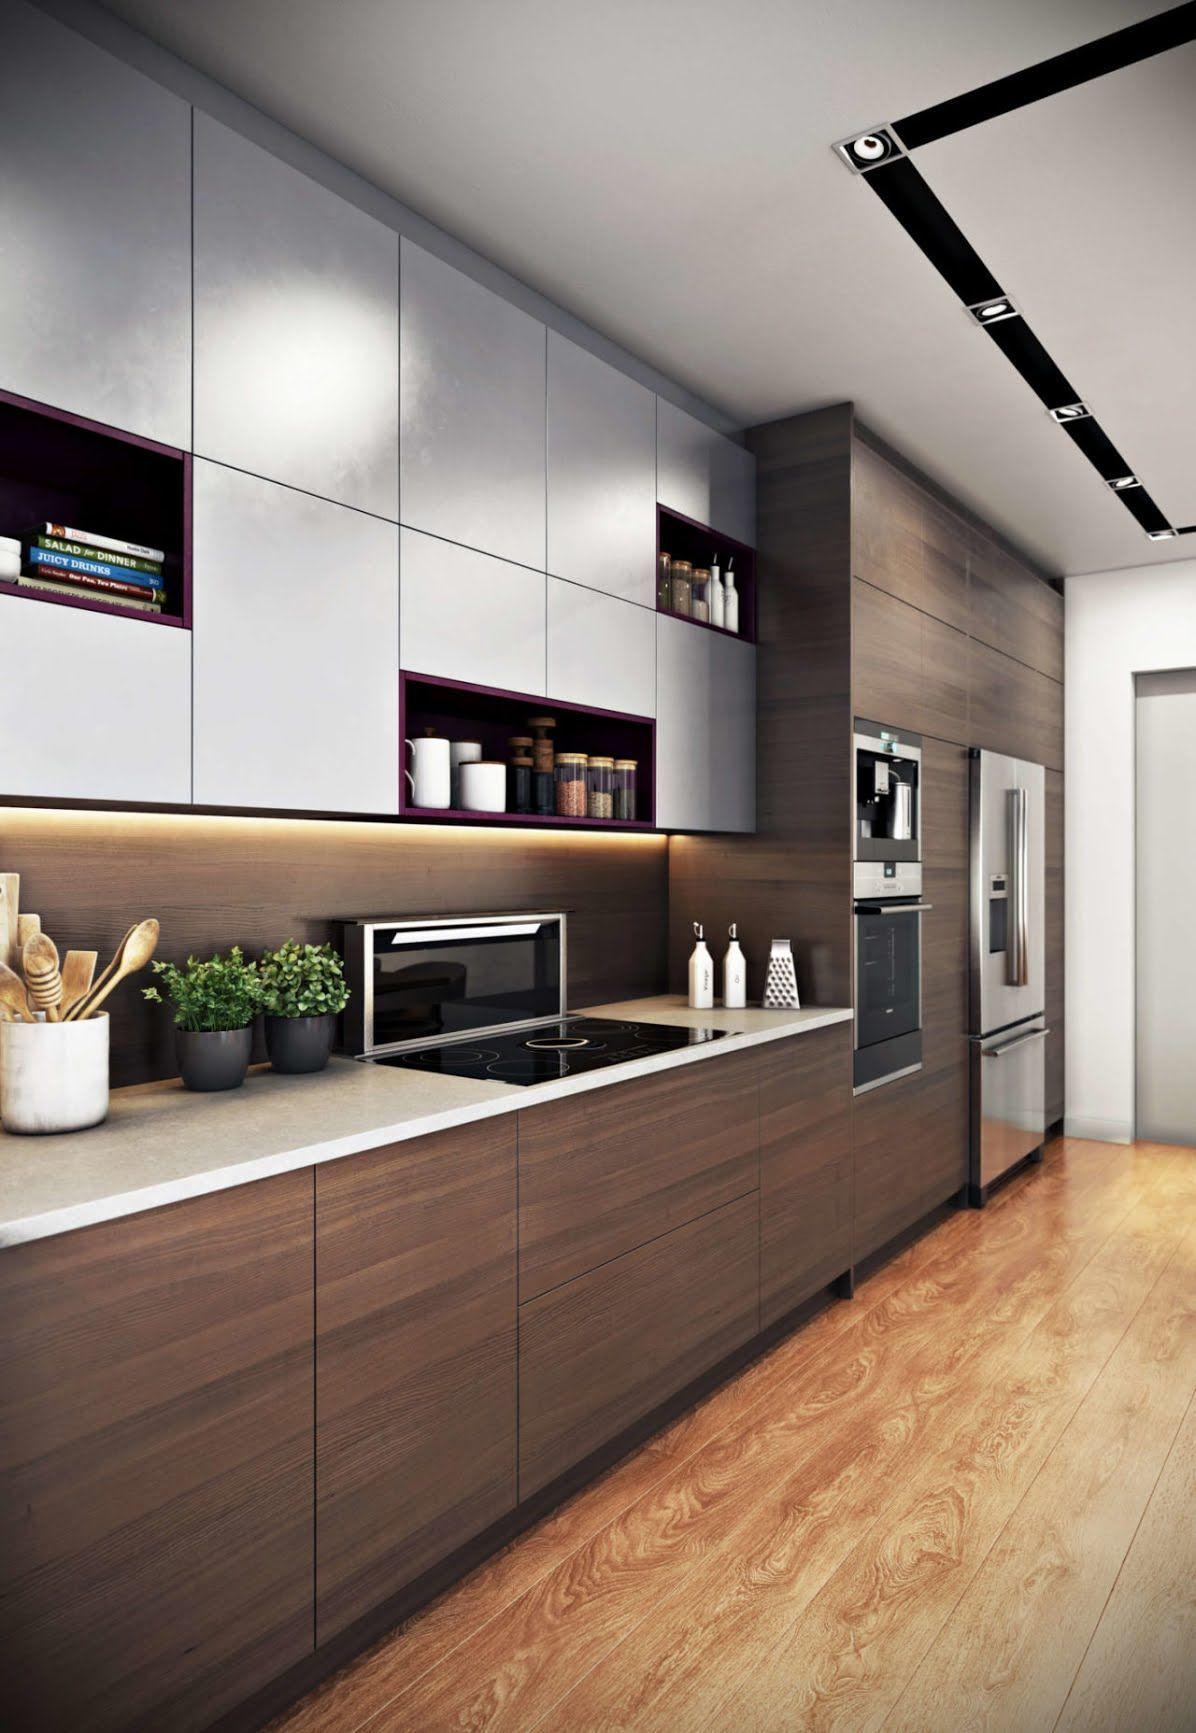 Kitchen & Home | Pinterest | Klassik, Einrichtungsideen und Küche